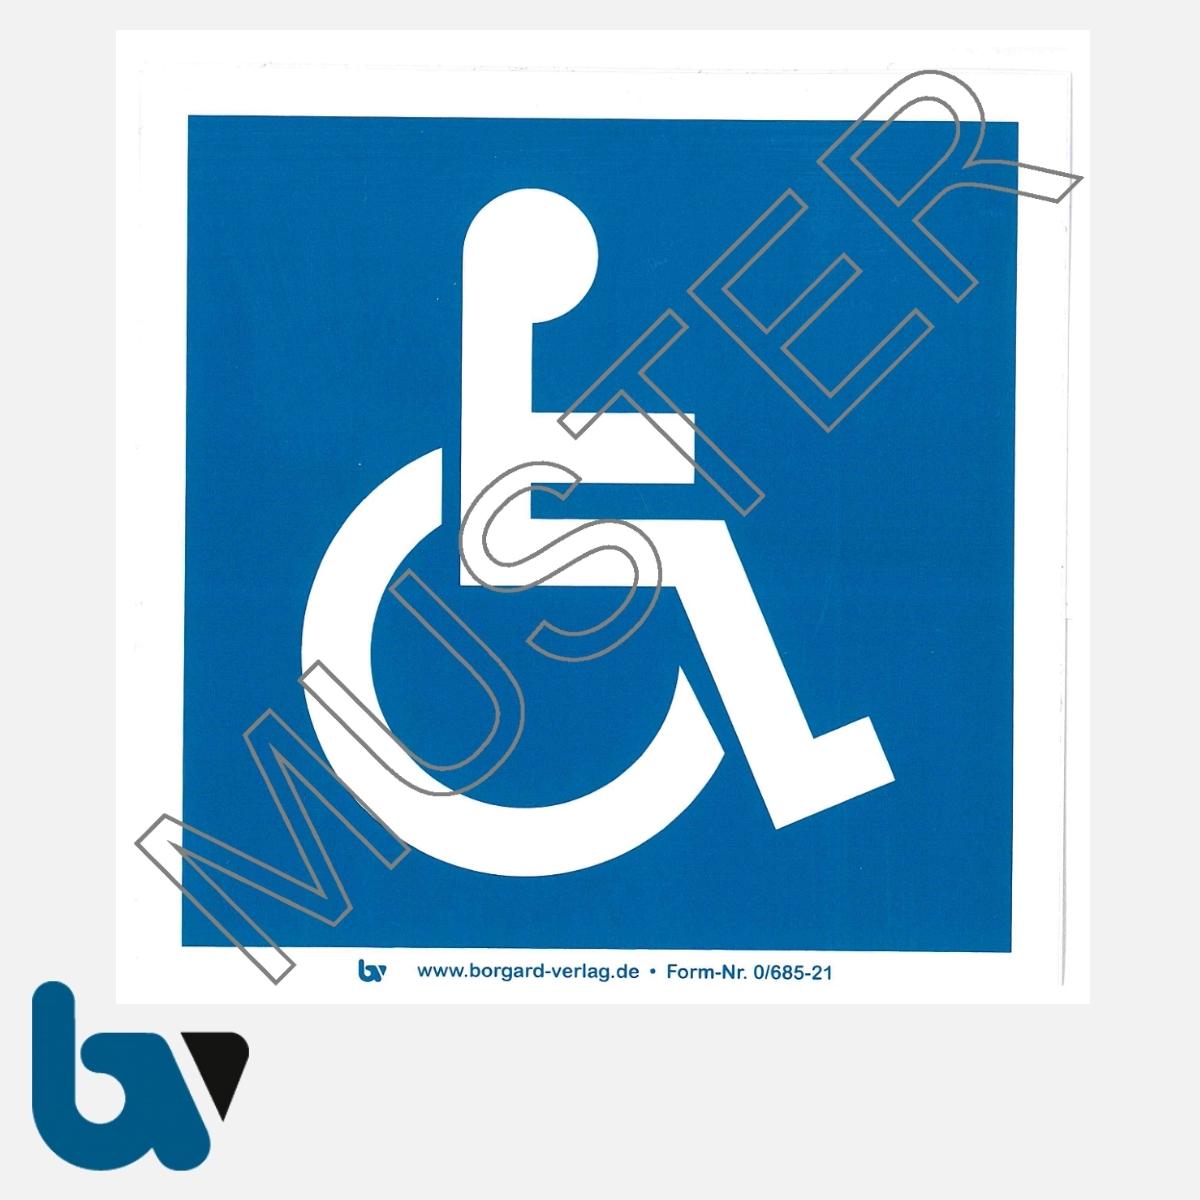 0/685-21 Innen-Aufkleber mit Rollstuhlfahrer-Symbol selbstklebend geschlitzt Vorderseite | Borgard Verlag GmbH